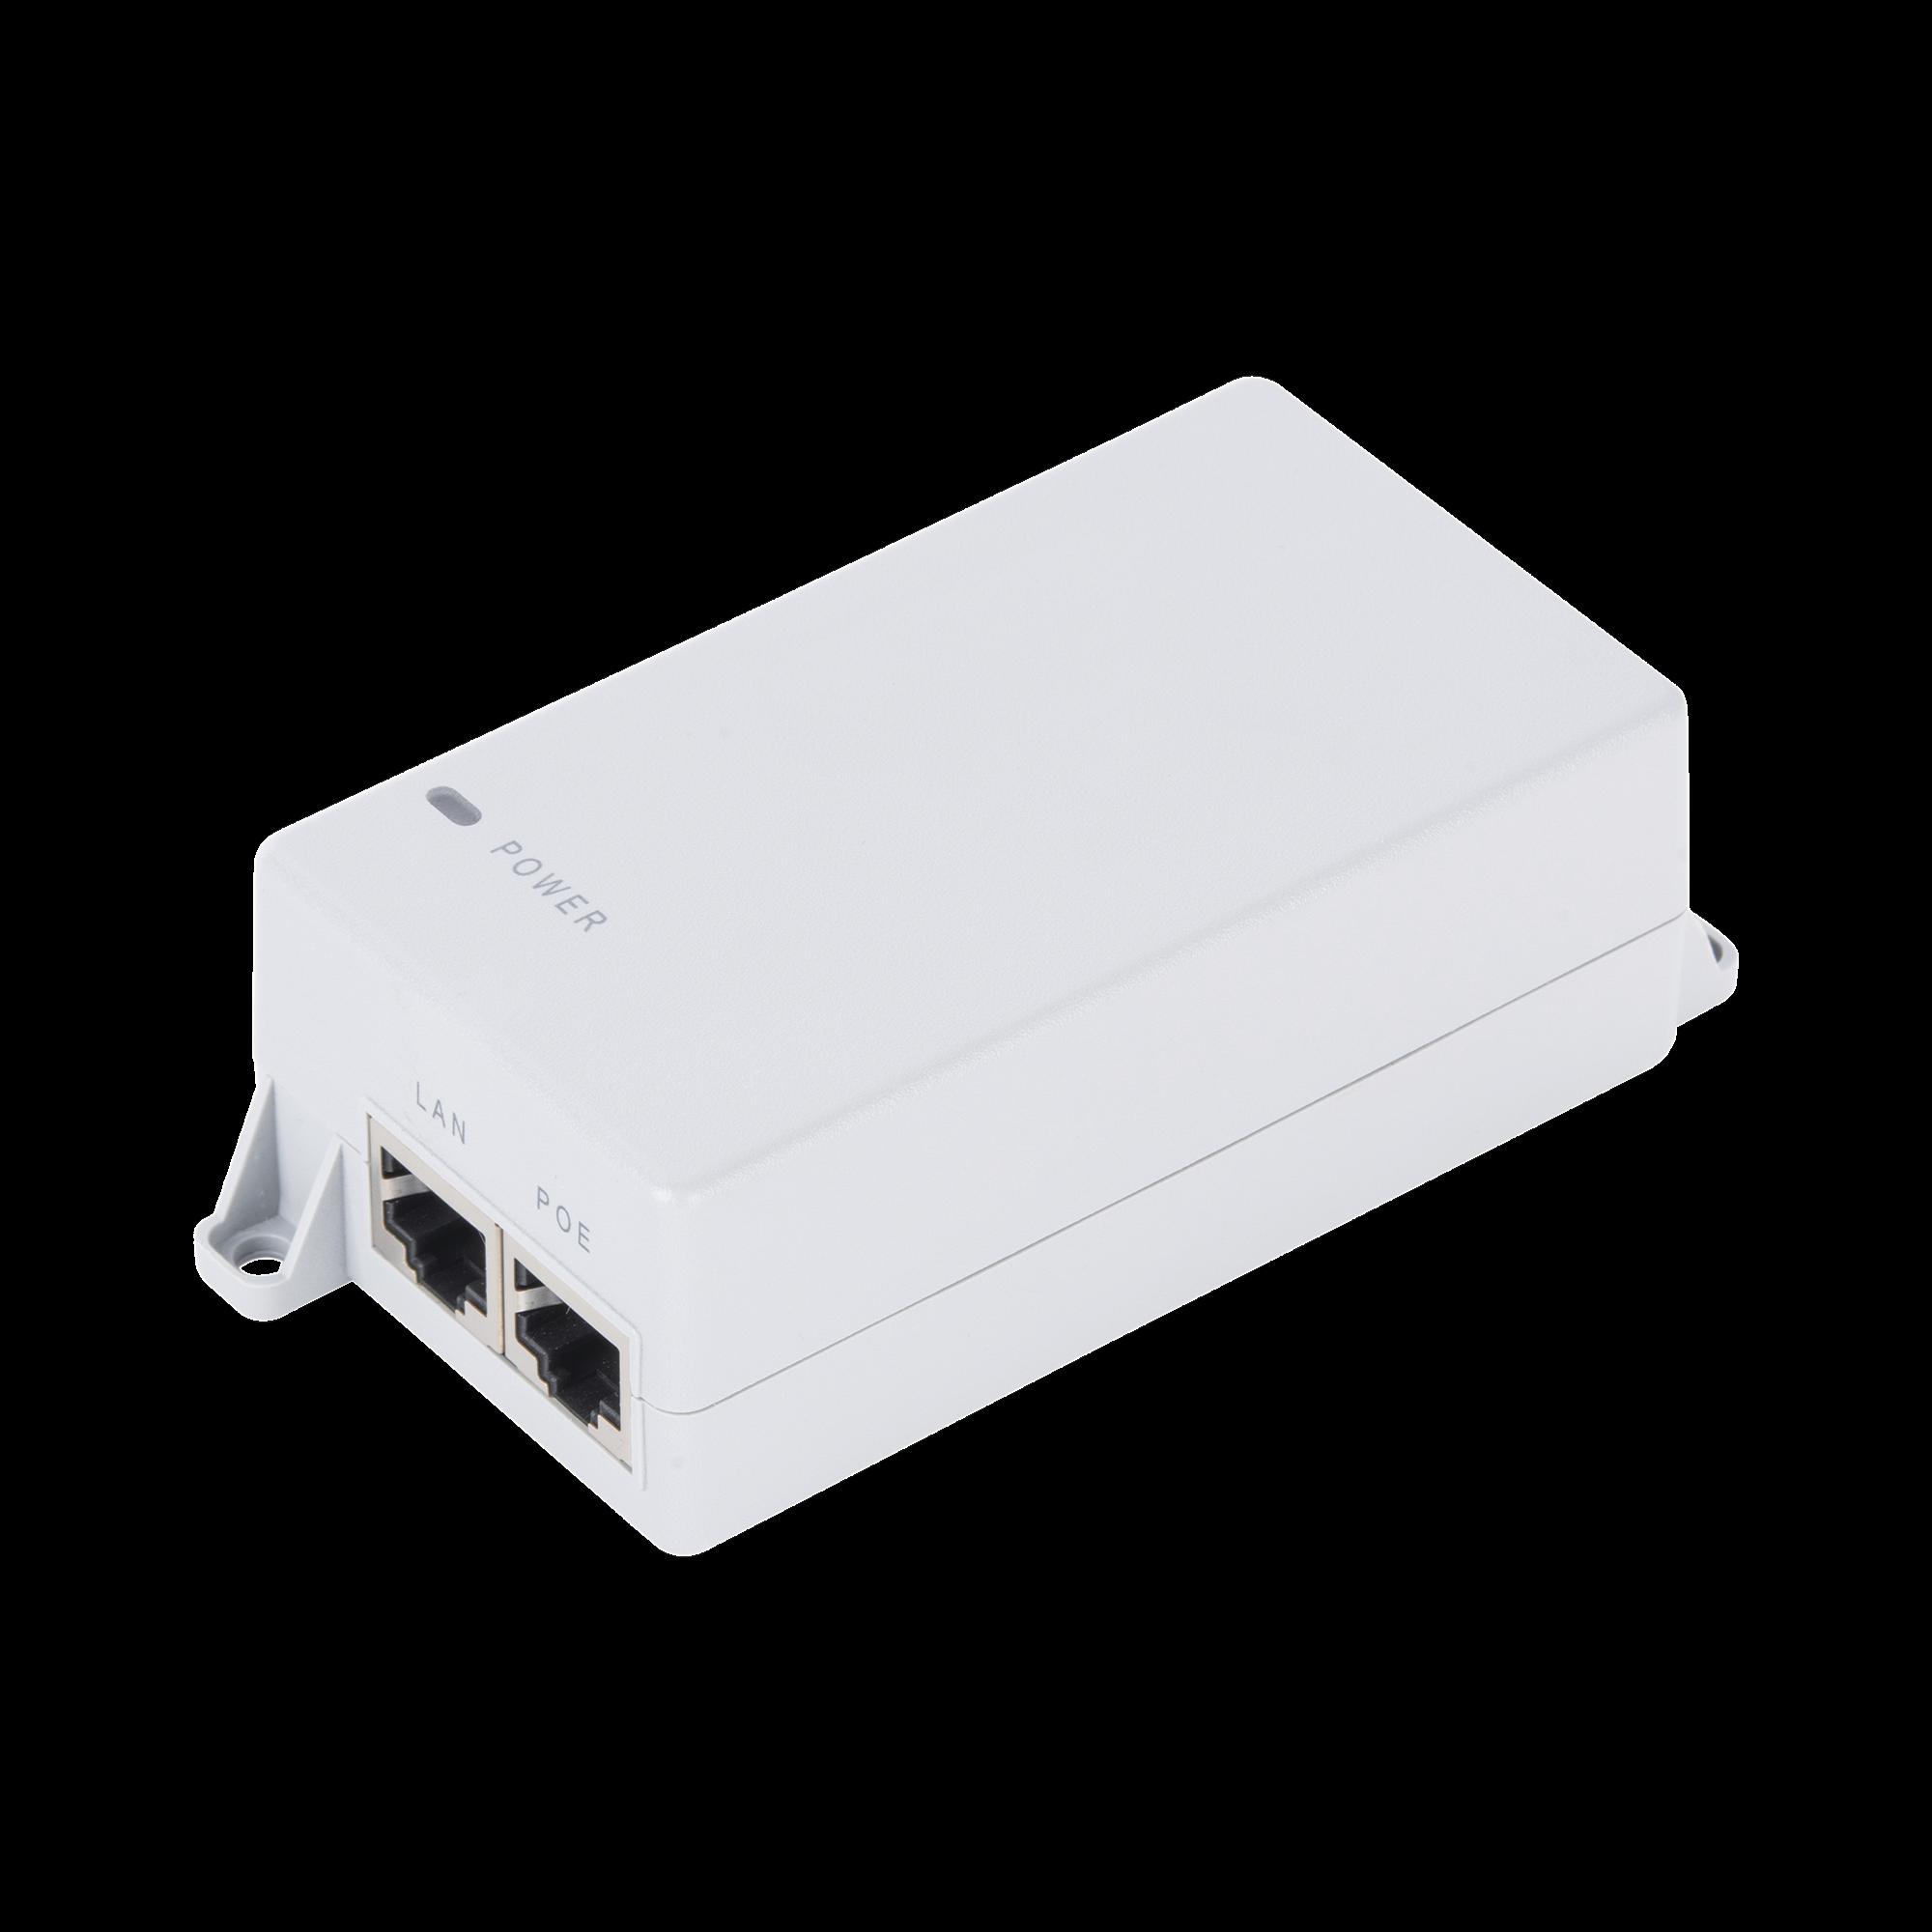 Inyector PoE Pasivo Gigabit de pared para C5x, C5c,  de Mimosa, Voltaje de salida  24Vcd.